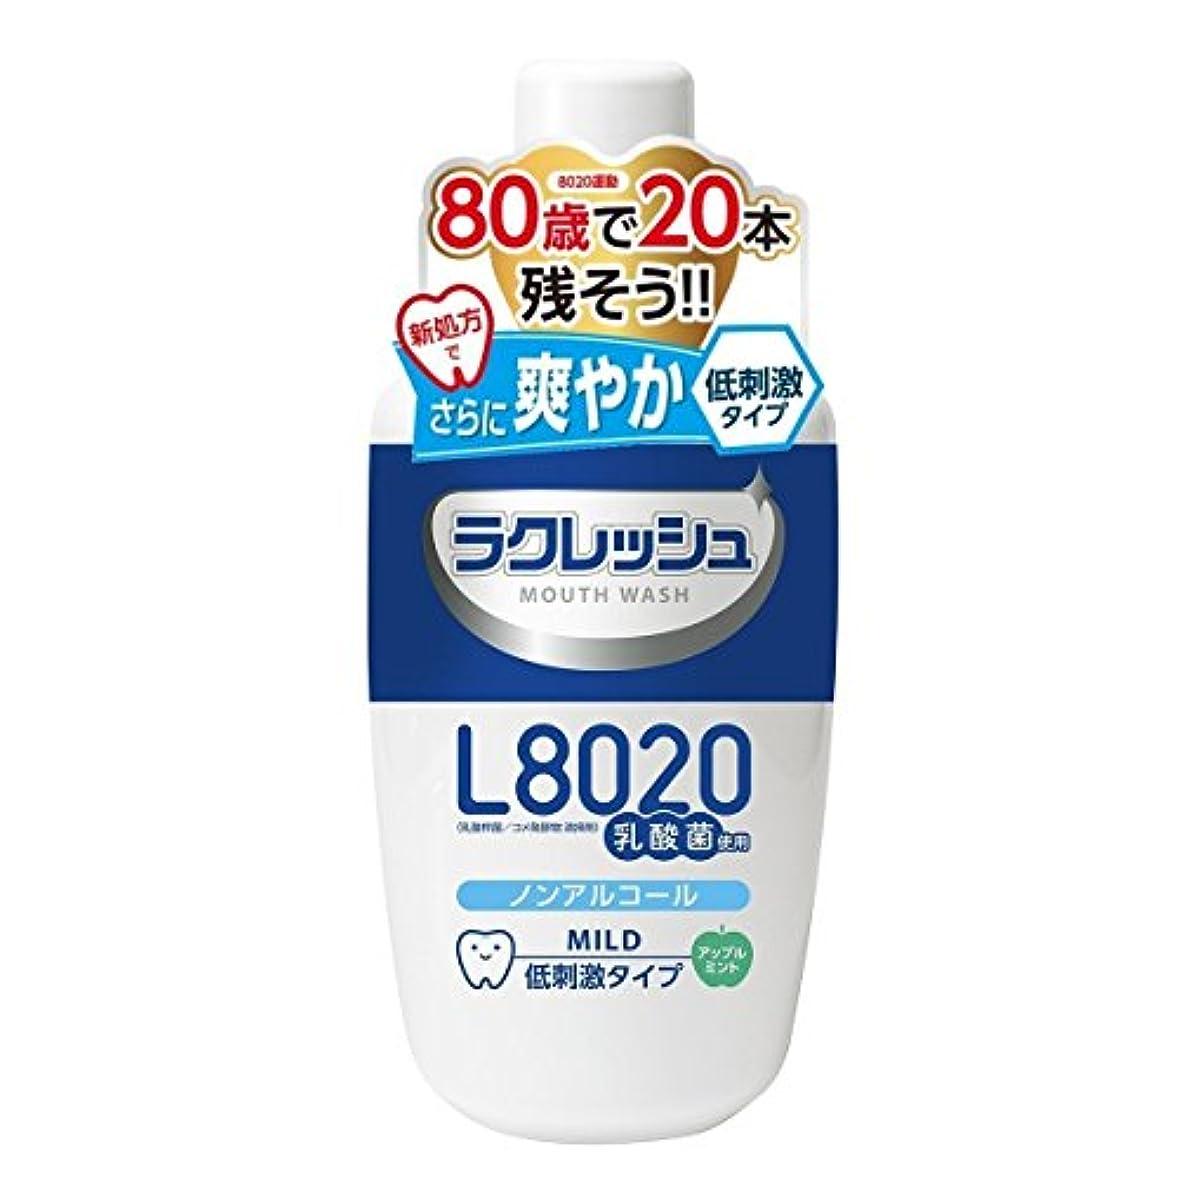 テレックス千苦難【ケース販売】ラクレッシュL8020菌マウスウォッシュ【×24個】